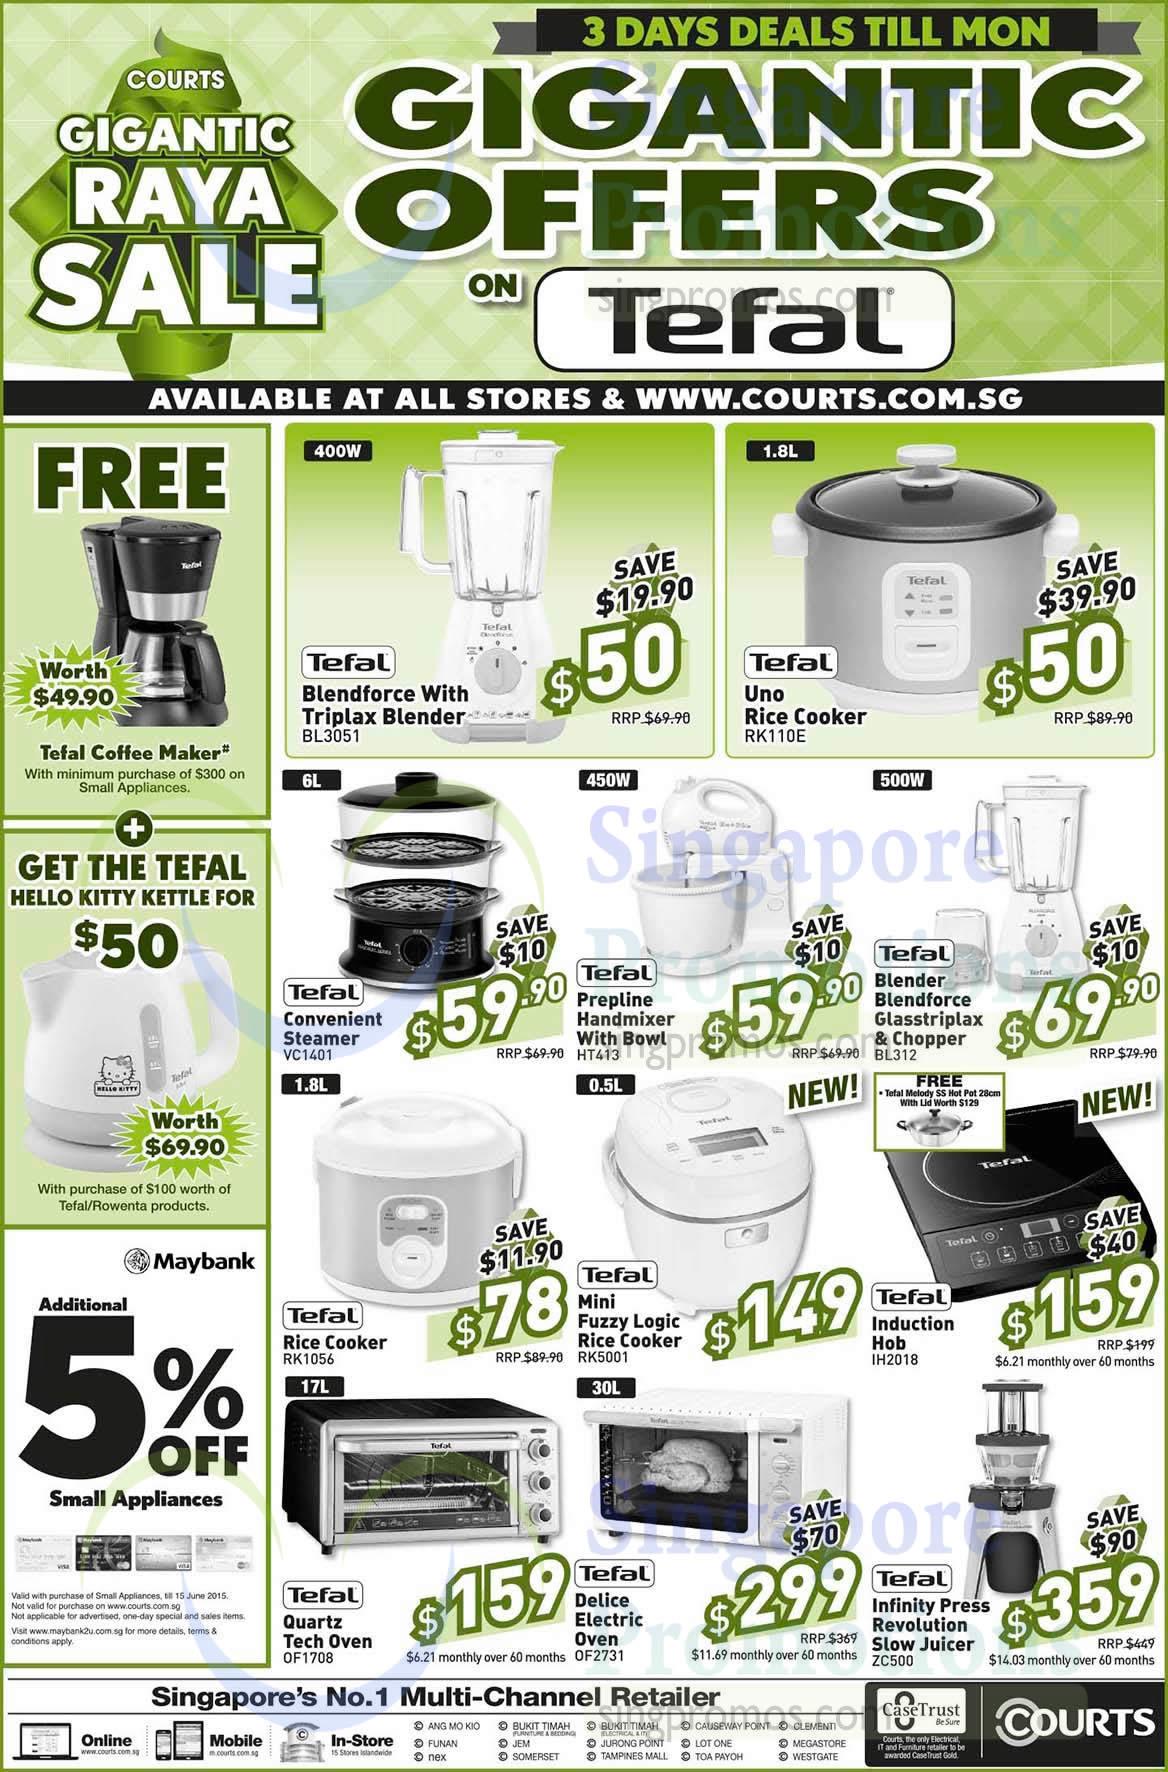 Tefal Slow Juicer Recipe : Tefal Kitchen Appliances, Blenders, Rice Cookers, Ovens, Slow Juicer, Steamer, Induction Hob ...